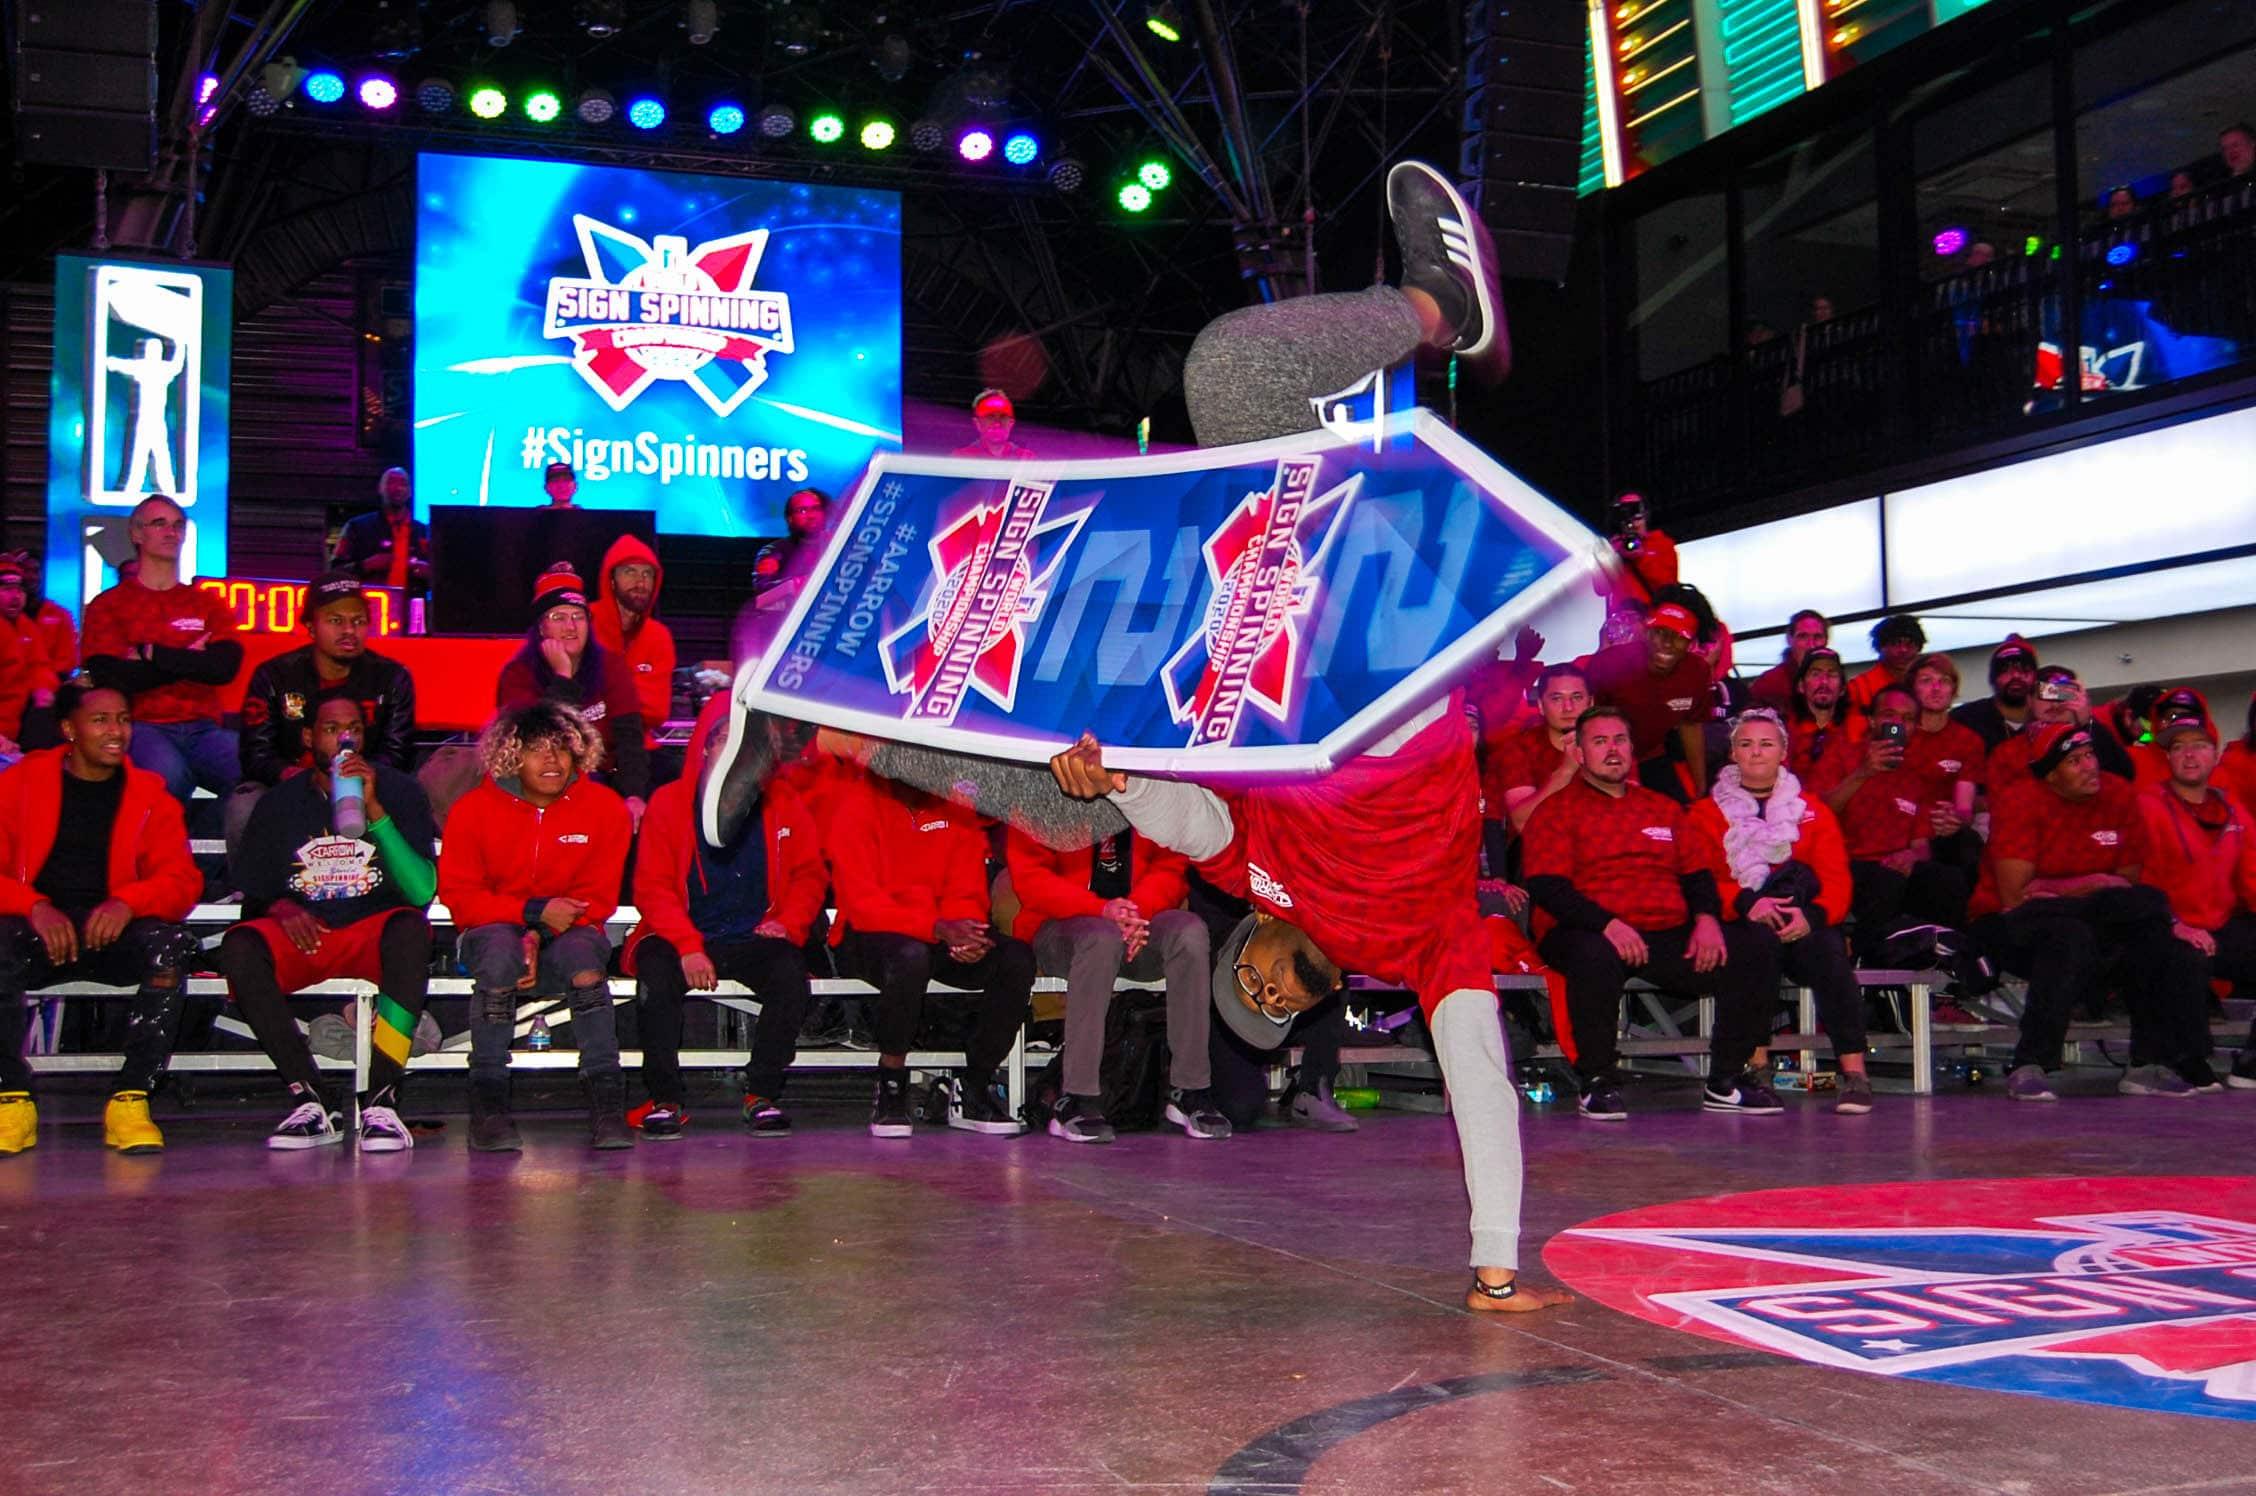 SignSpinning-handstand-weltmeisterschaft-las-vegas-2020